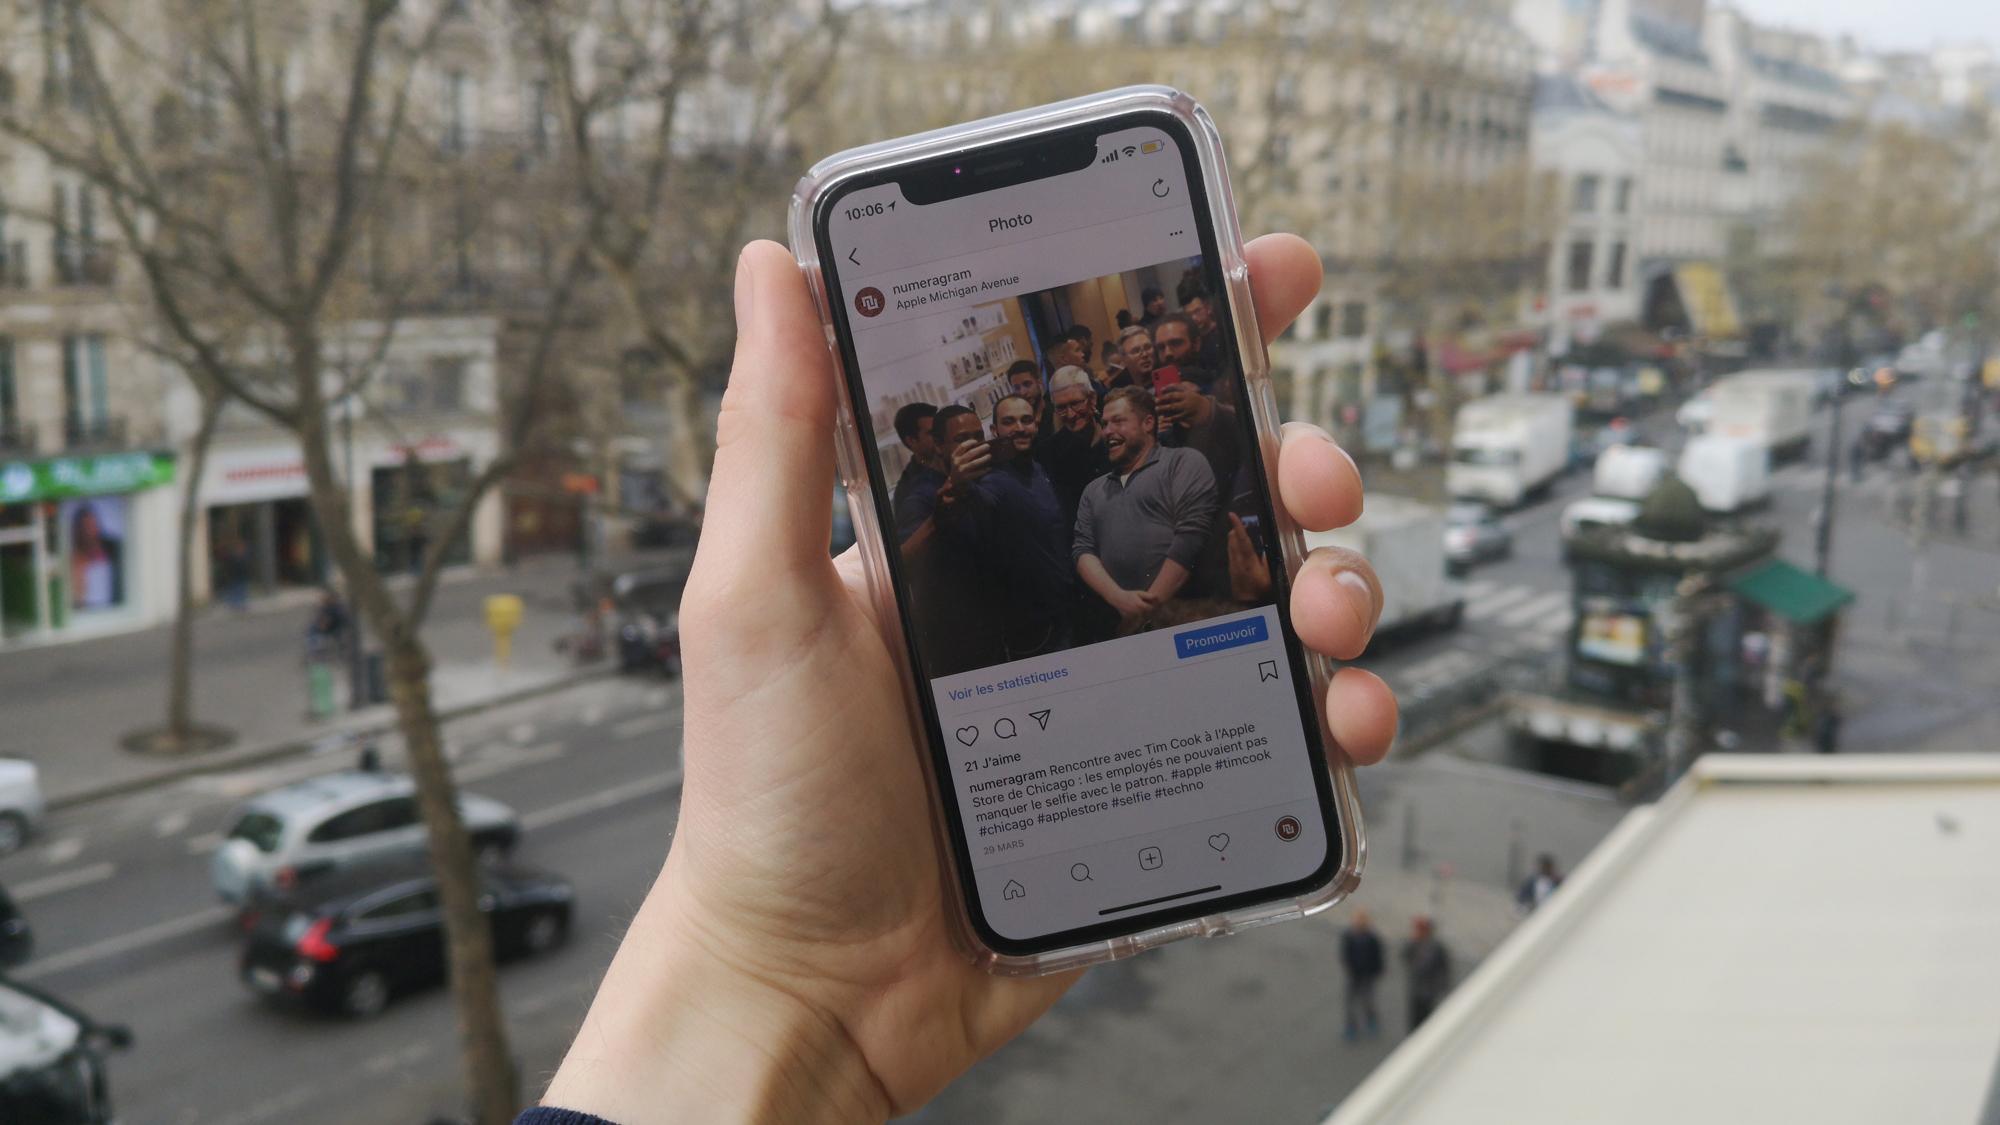 Rencontres apps pour téléchargement gratuit